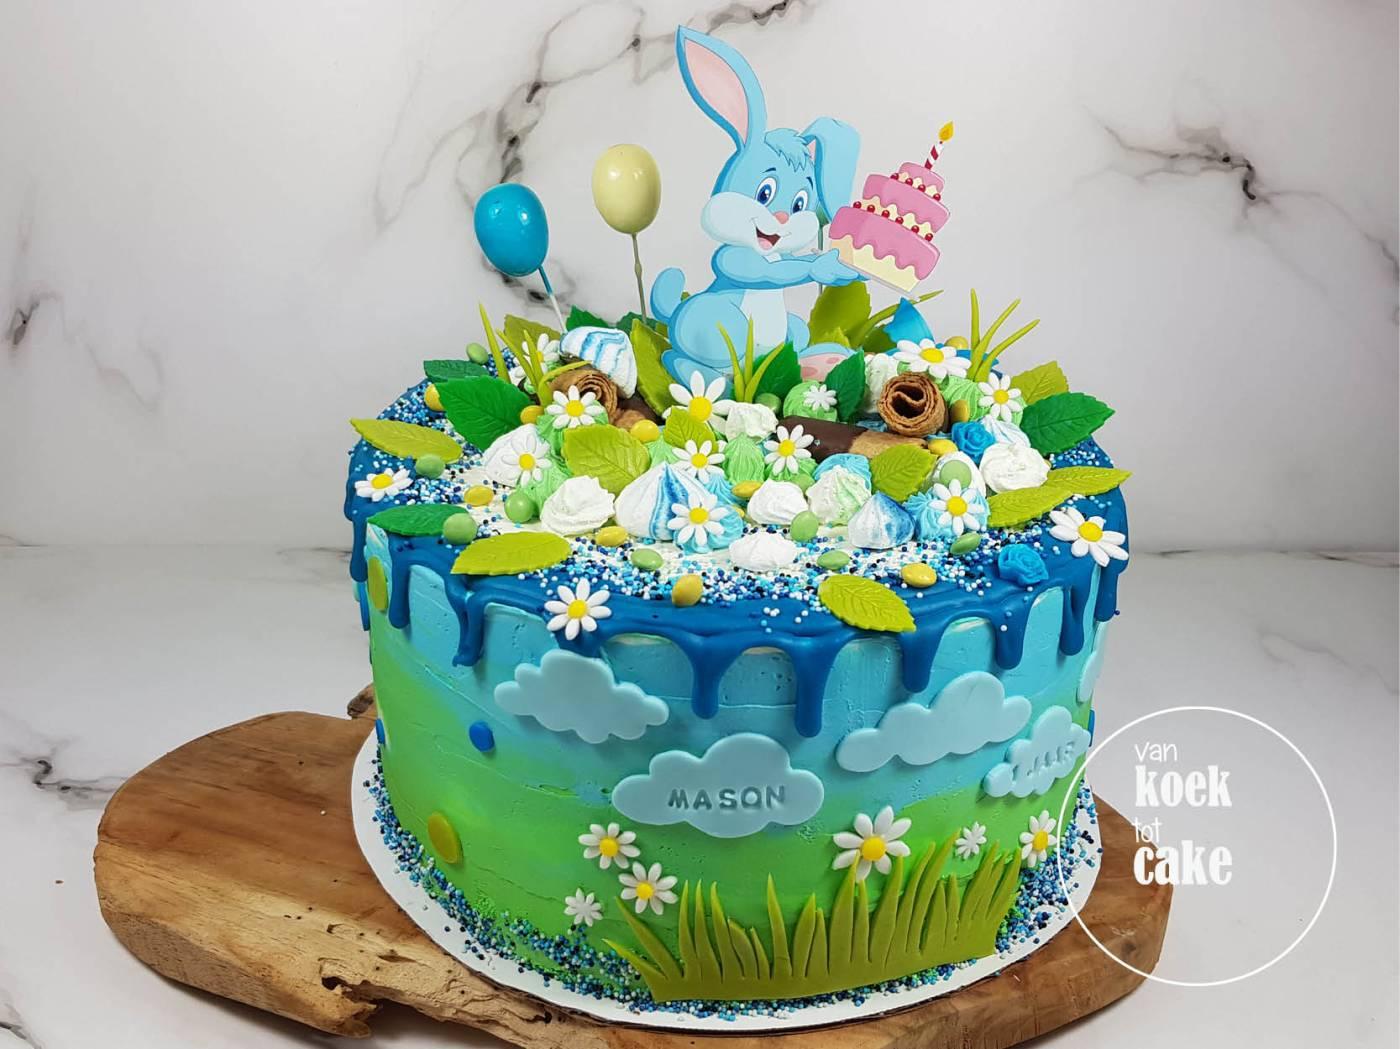 Verjaardagstaart jongen 1 jaar konijnen haasjes | bestellen Vlissingen Middelburg Oost-Souburg | van koek tot cake